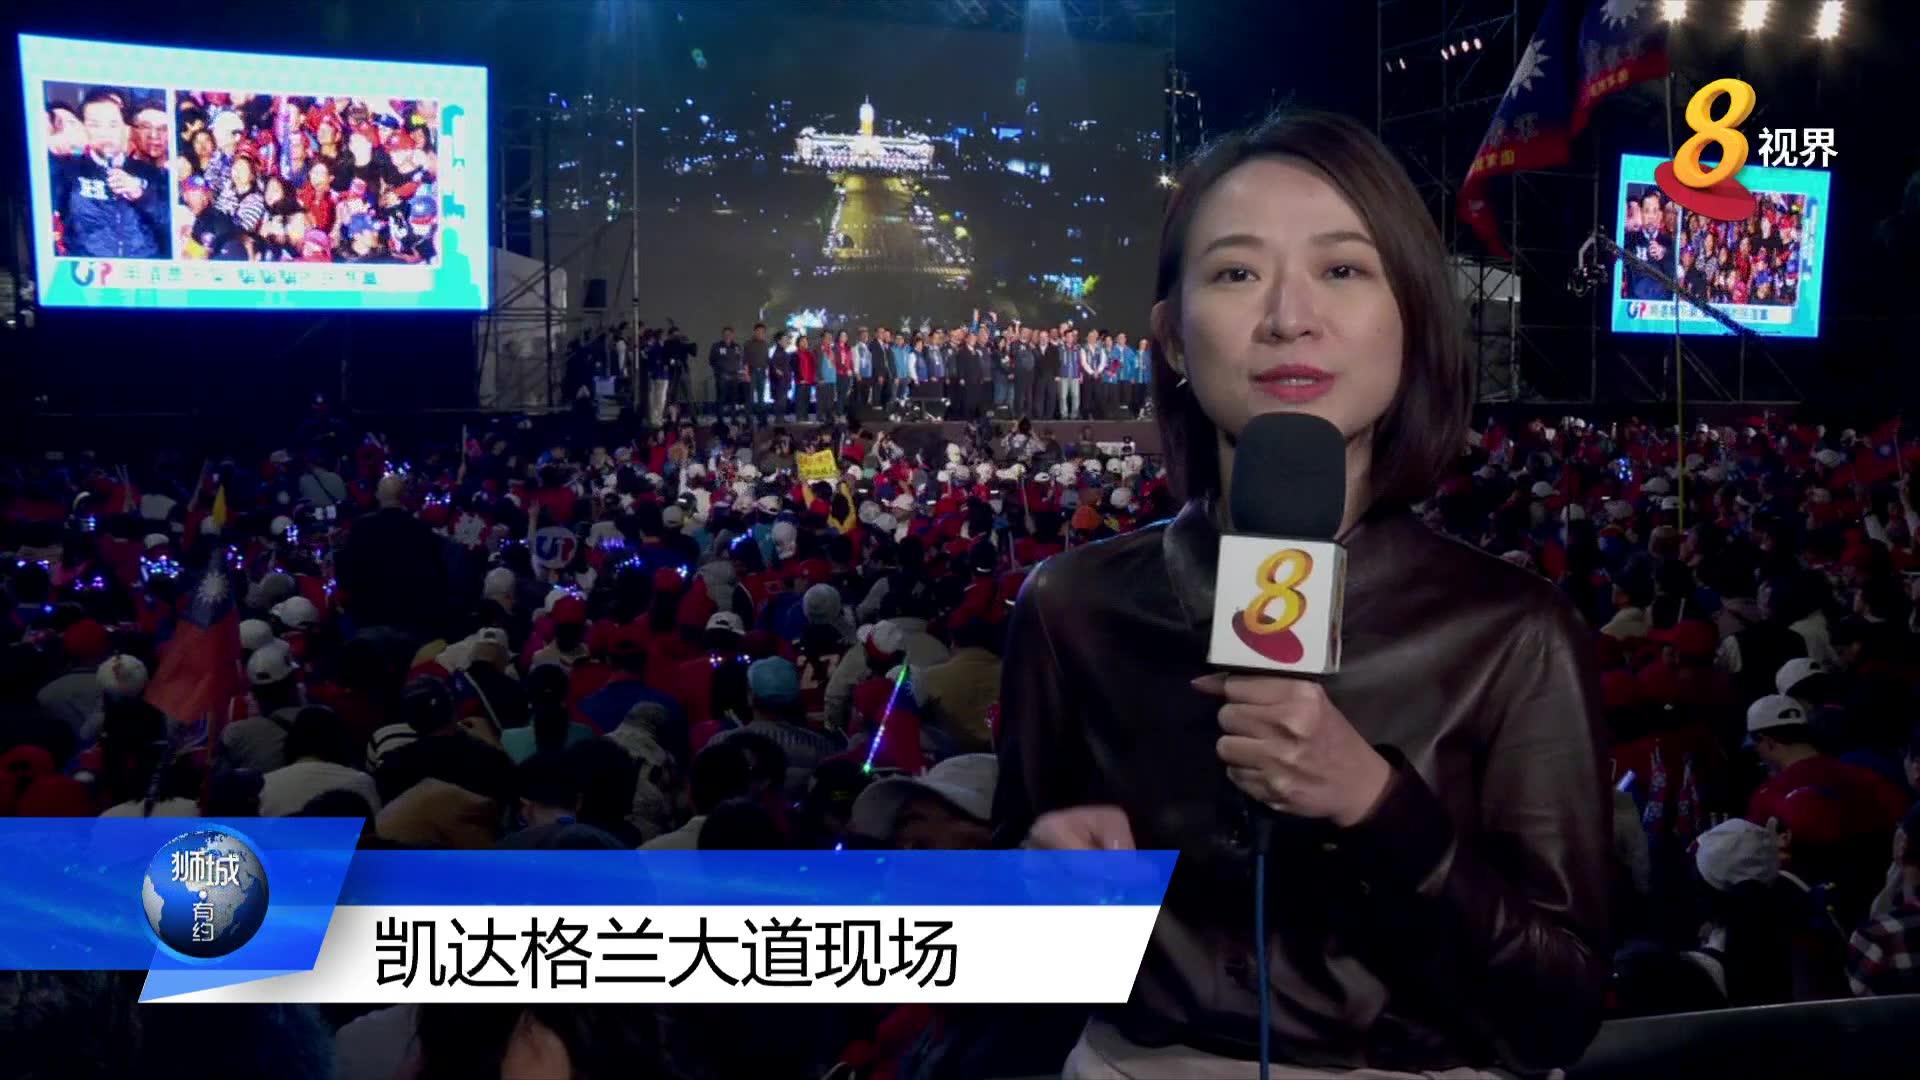 台湾总统选举在即 候选人韩国瑜和蔡英文铆足全力造势